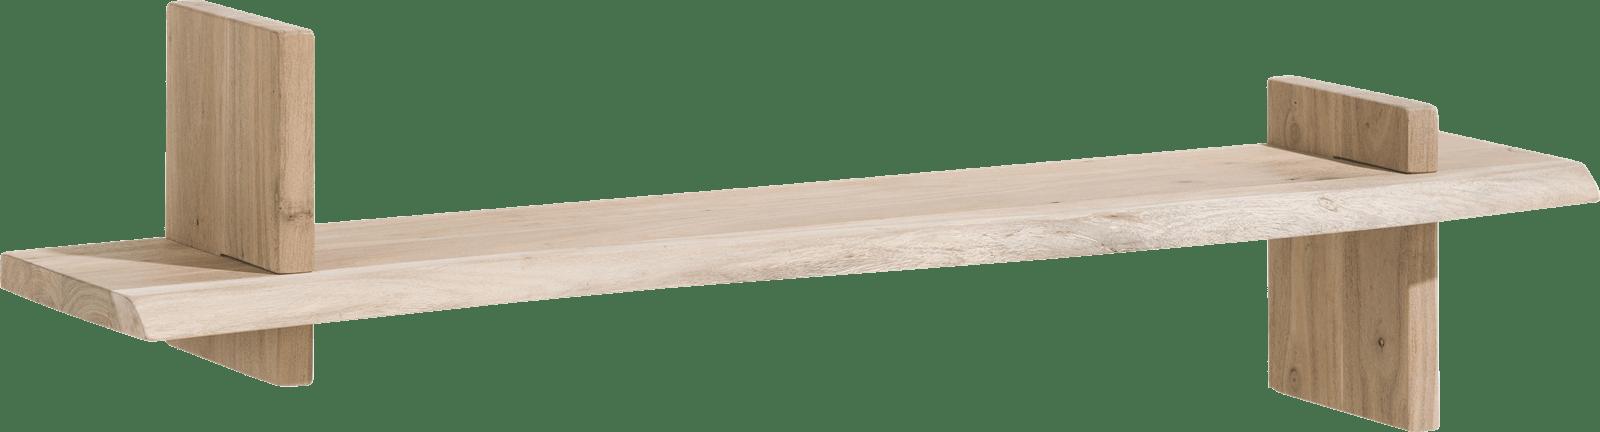 Ajezi - wandplank 120 cm (knock down)